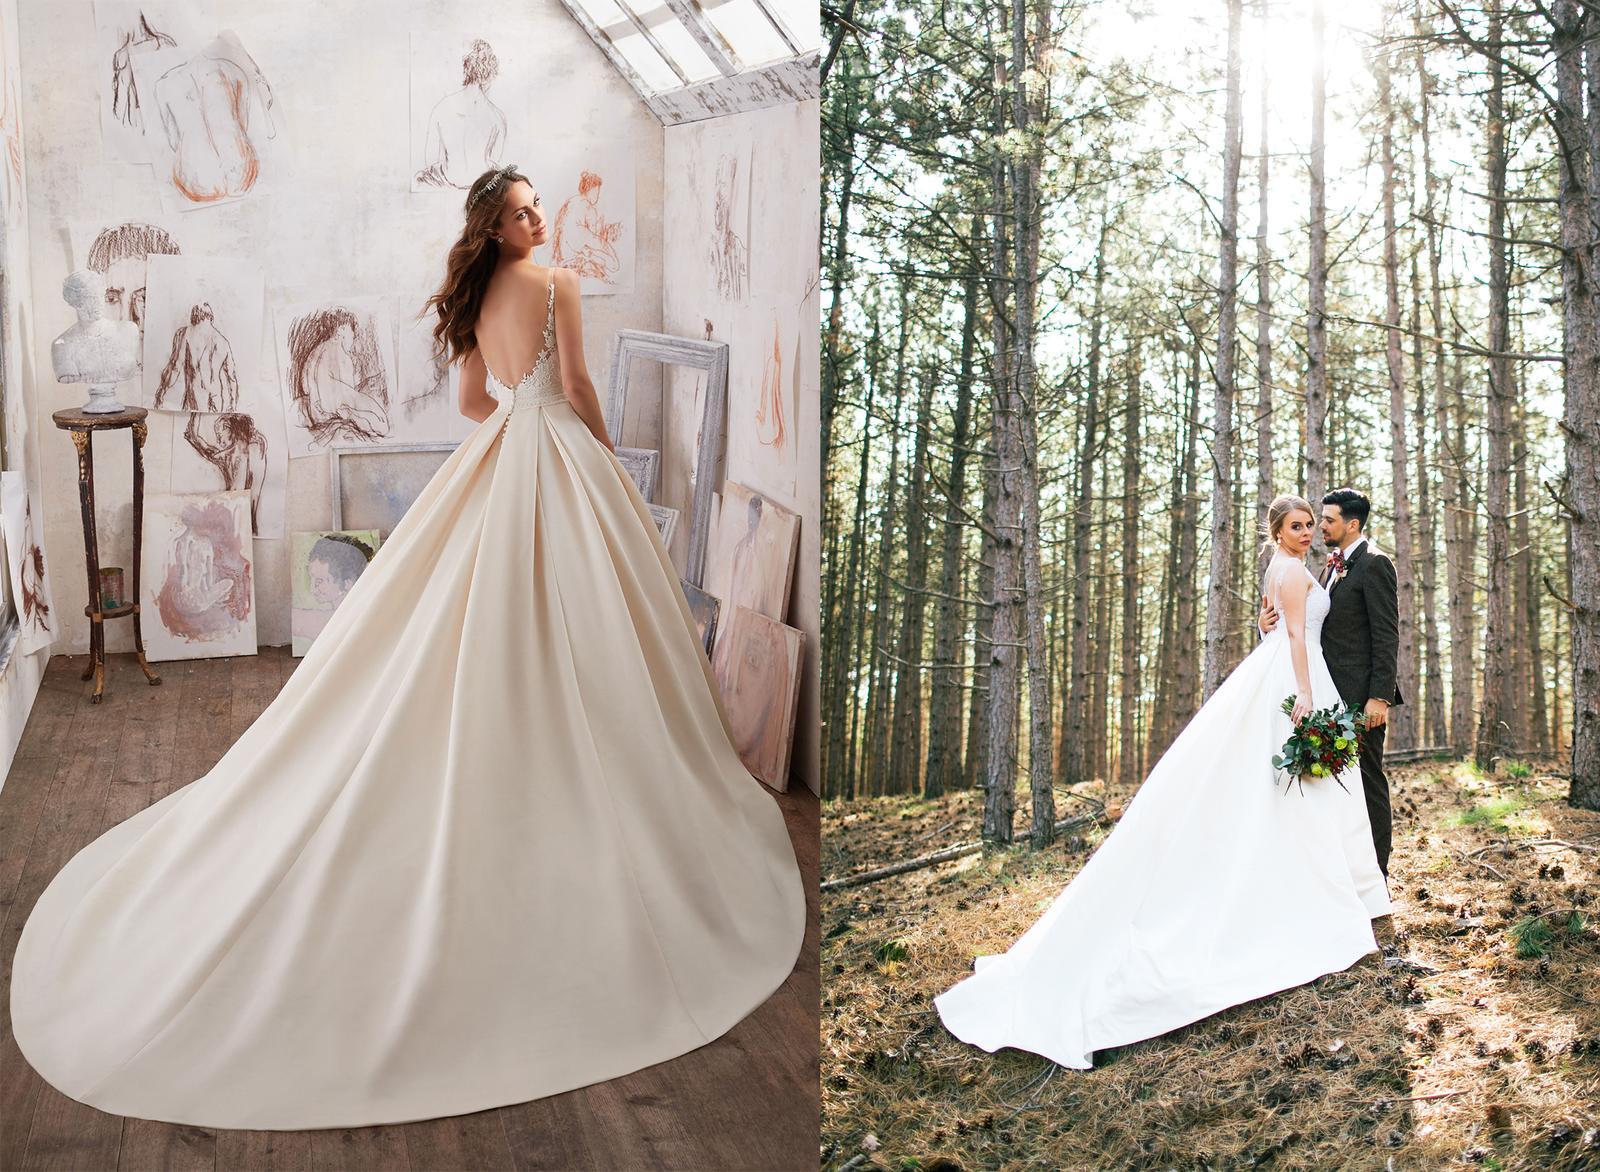 Svadobné šaty na modelke a na reálnej neveste - Nevesta @simonkaba a jej svadobné šaty Mori Lee model Marina zo svadobného salónu Zoya Wedding Center Trnava.